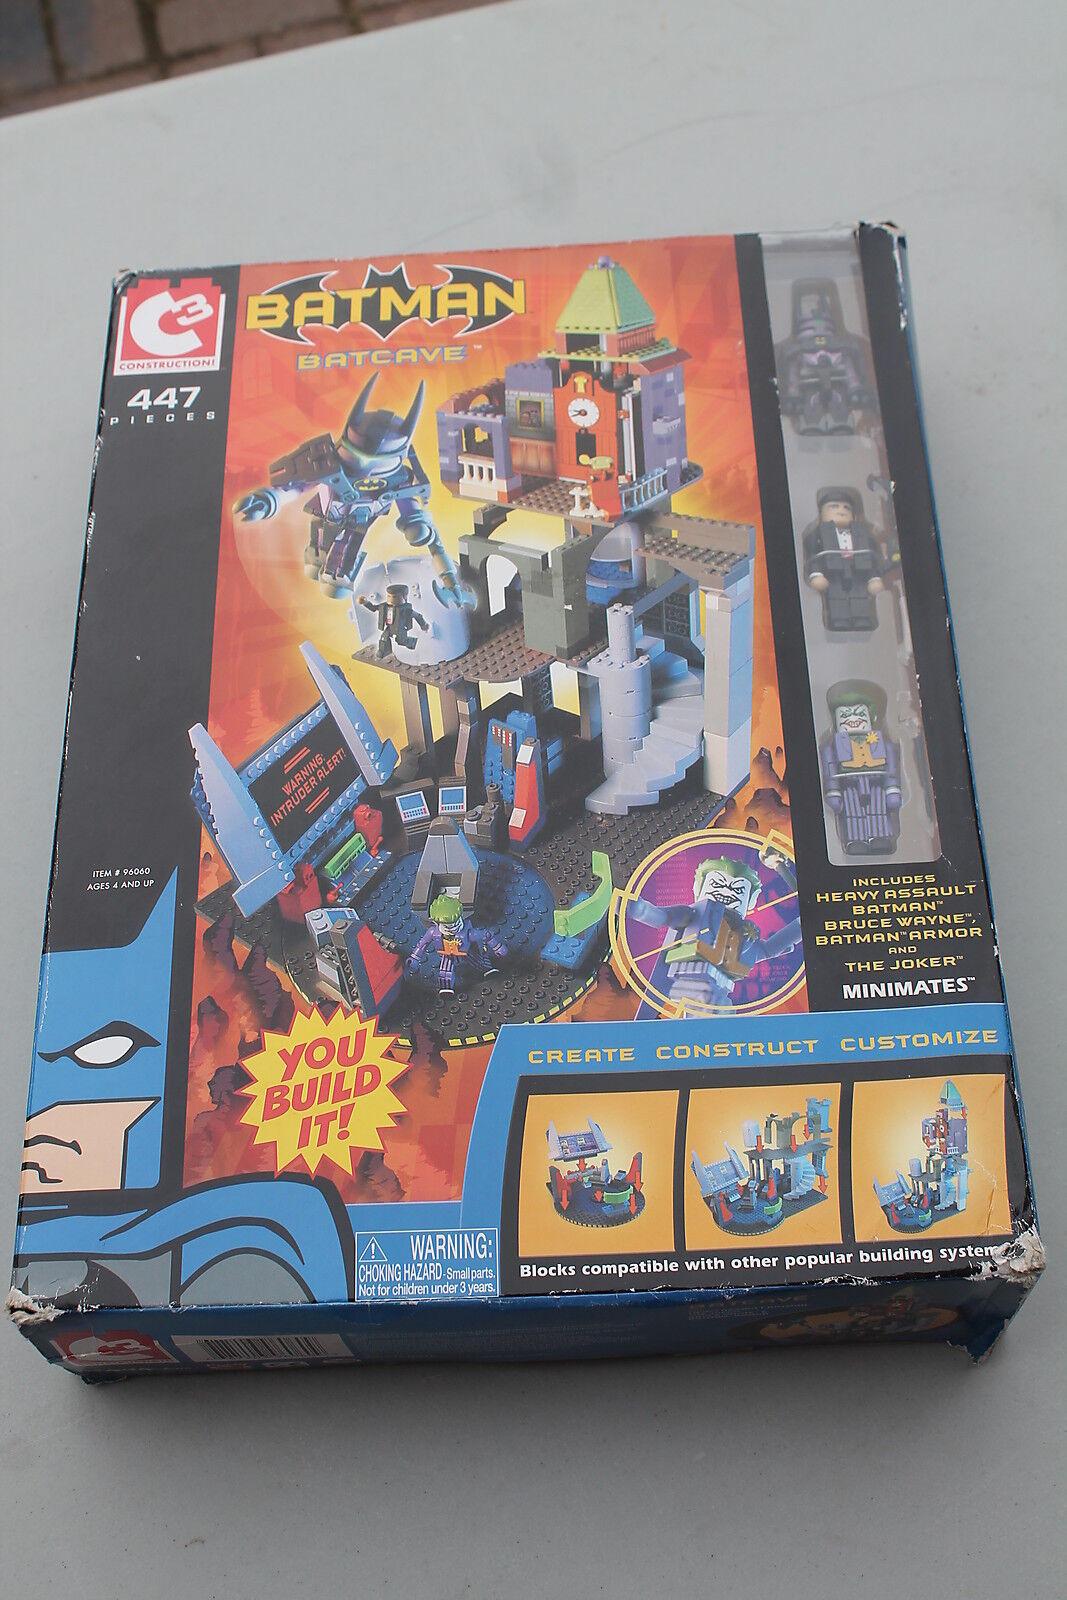 New in Box C3 Batman Batcave 2004 Lego Comp. DC 447 pieces Minimates Joker